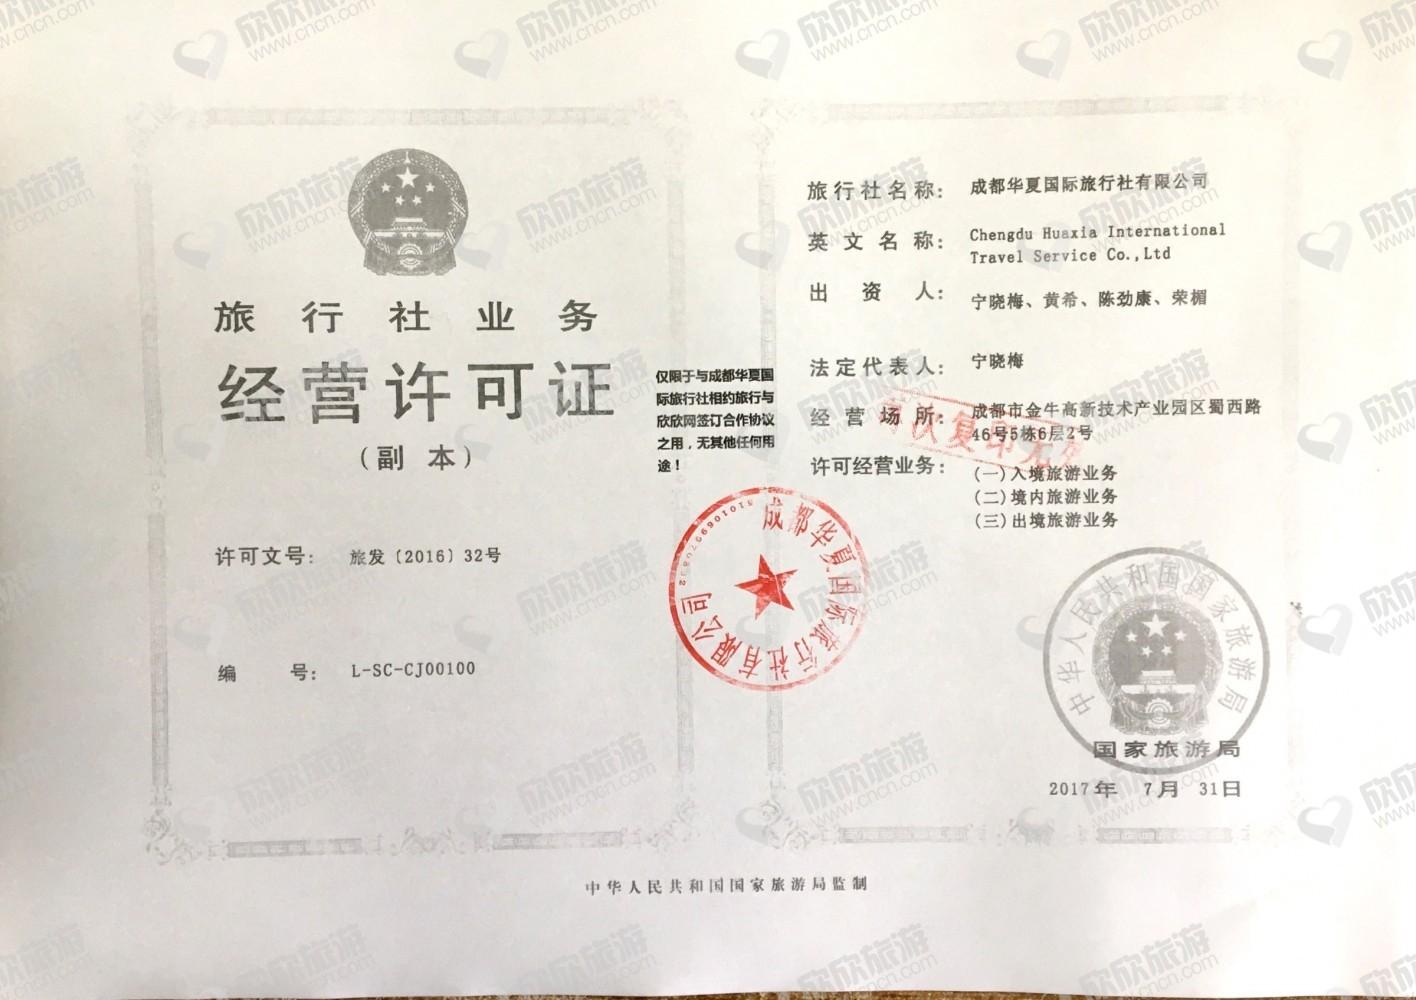 成都华夏国际旅行社有限公司经营许可证